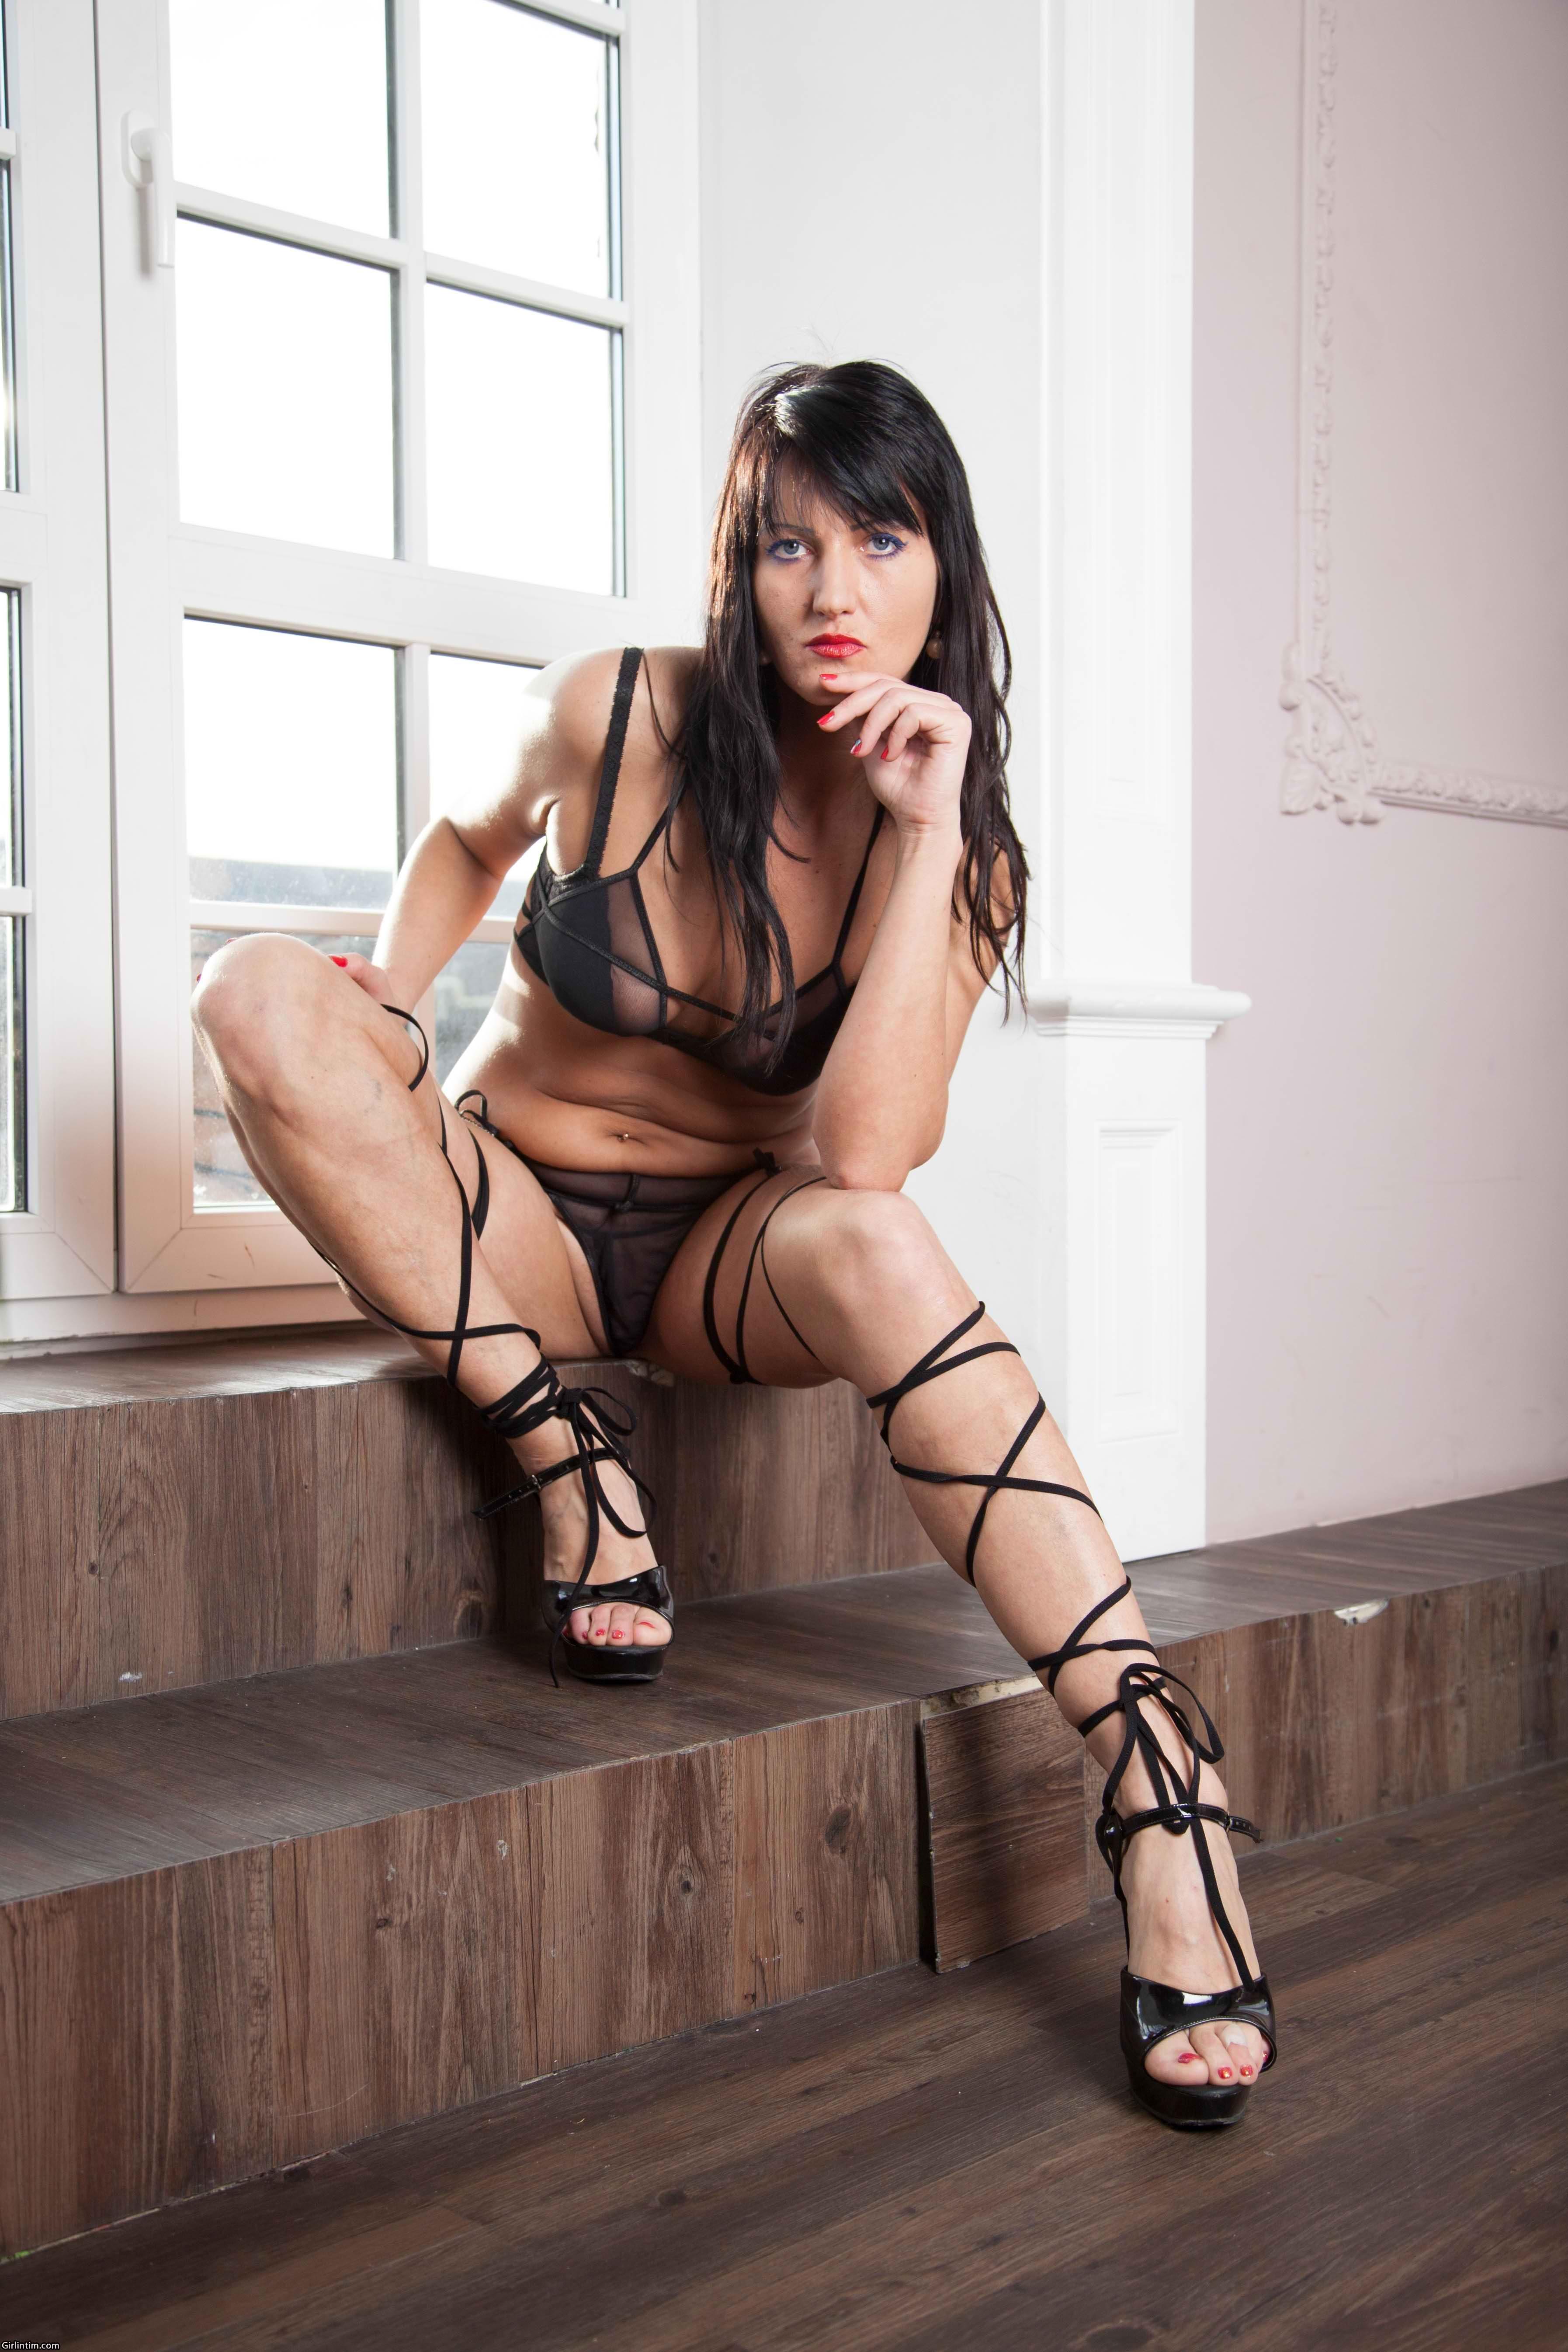 Проститутка госпожа в спб фото 670-891